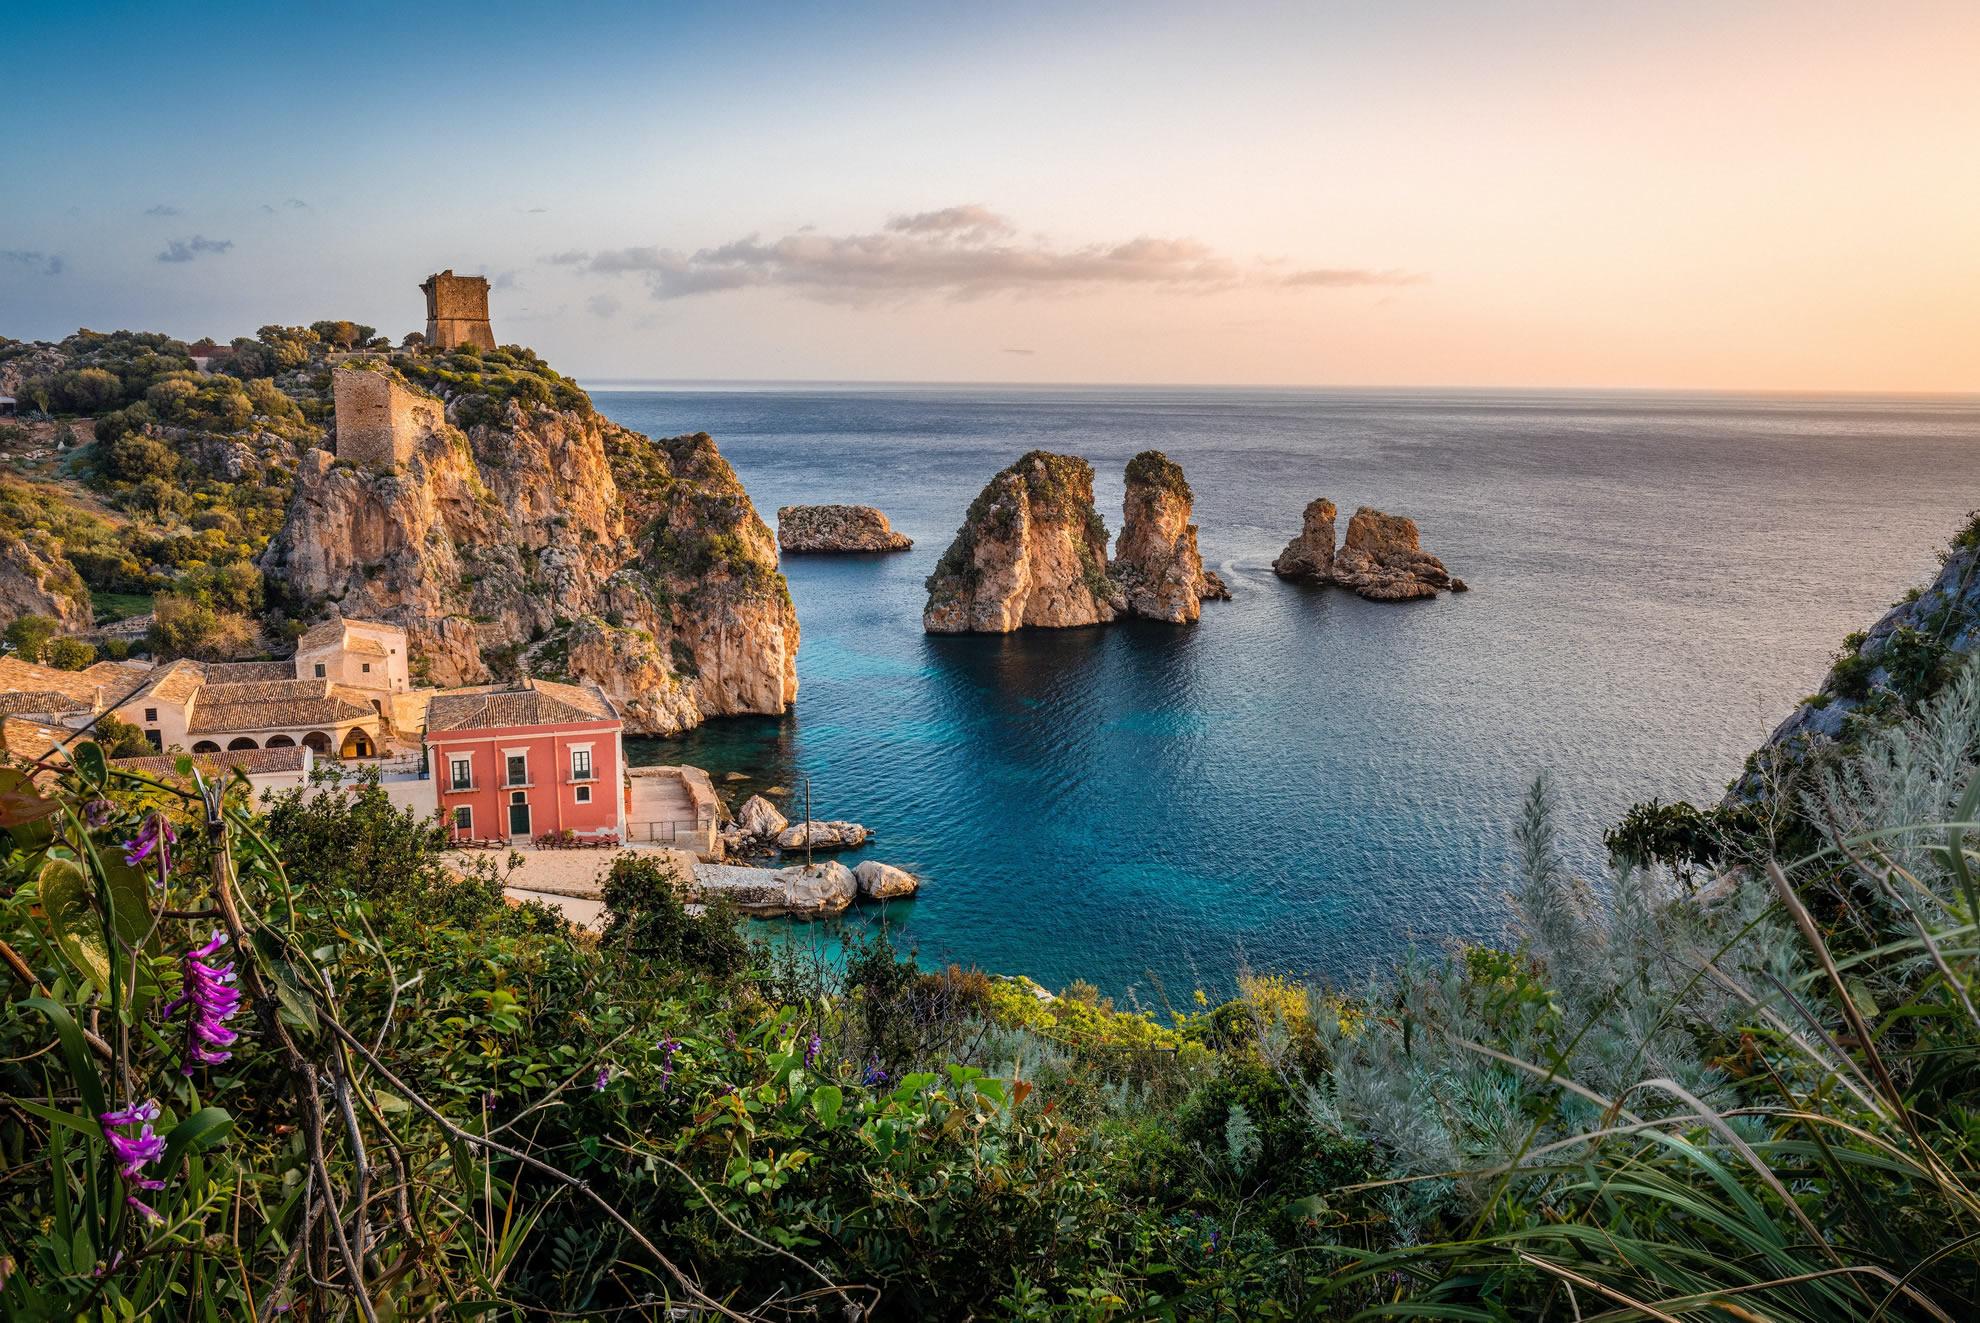 Viaggio organizzato di gruppo in Sicilia